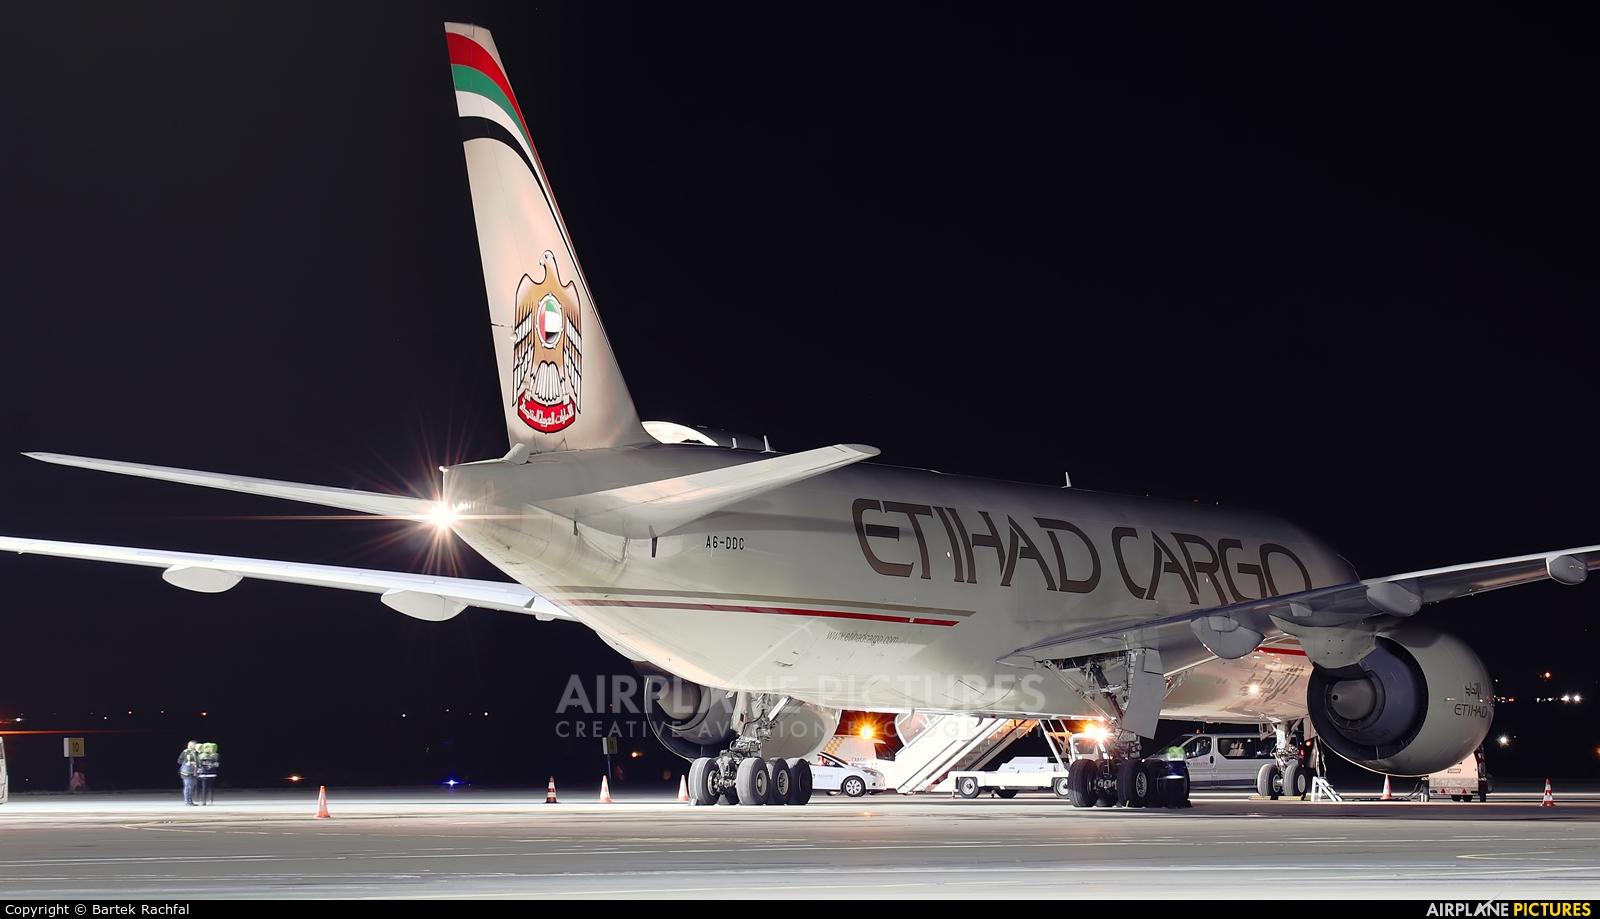 Etihad Cargo A6-DDC aircraft at Rzeszów-Jasionka